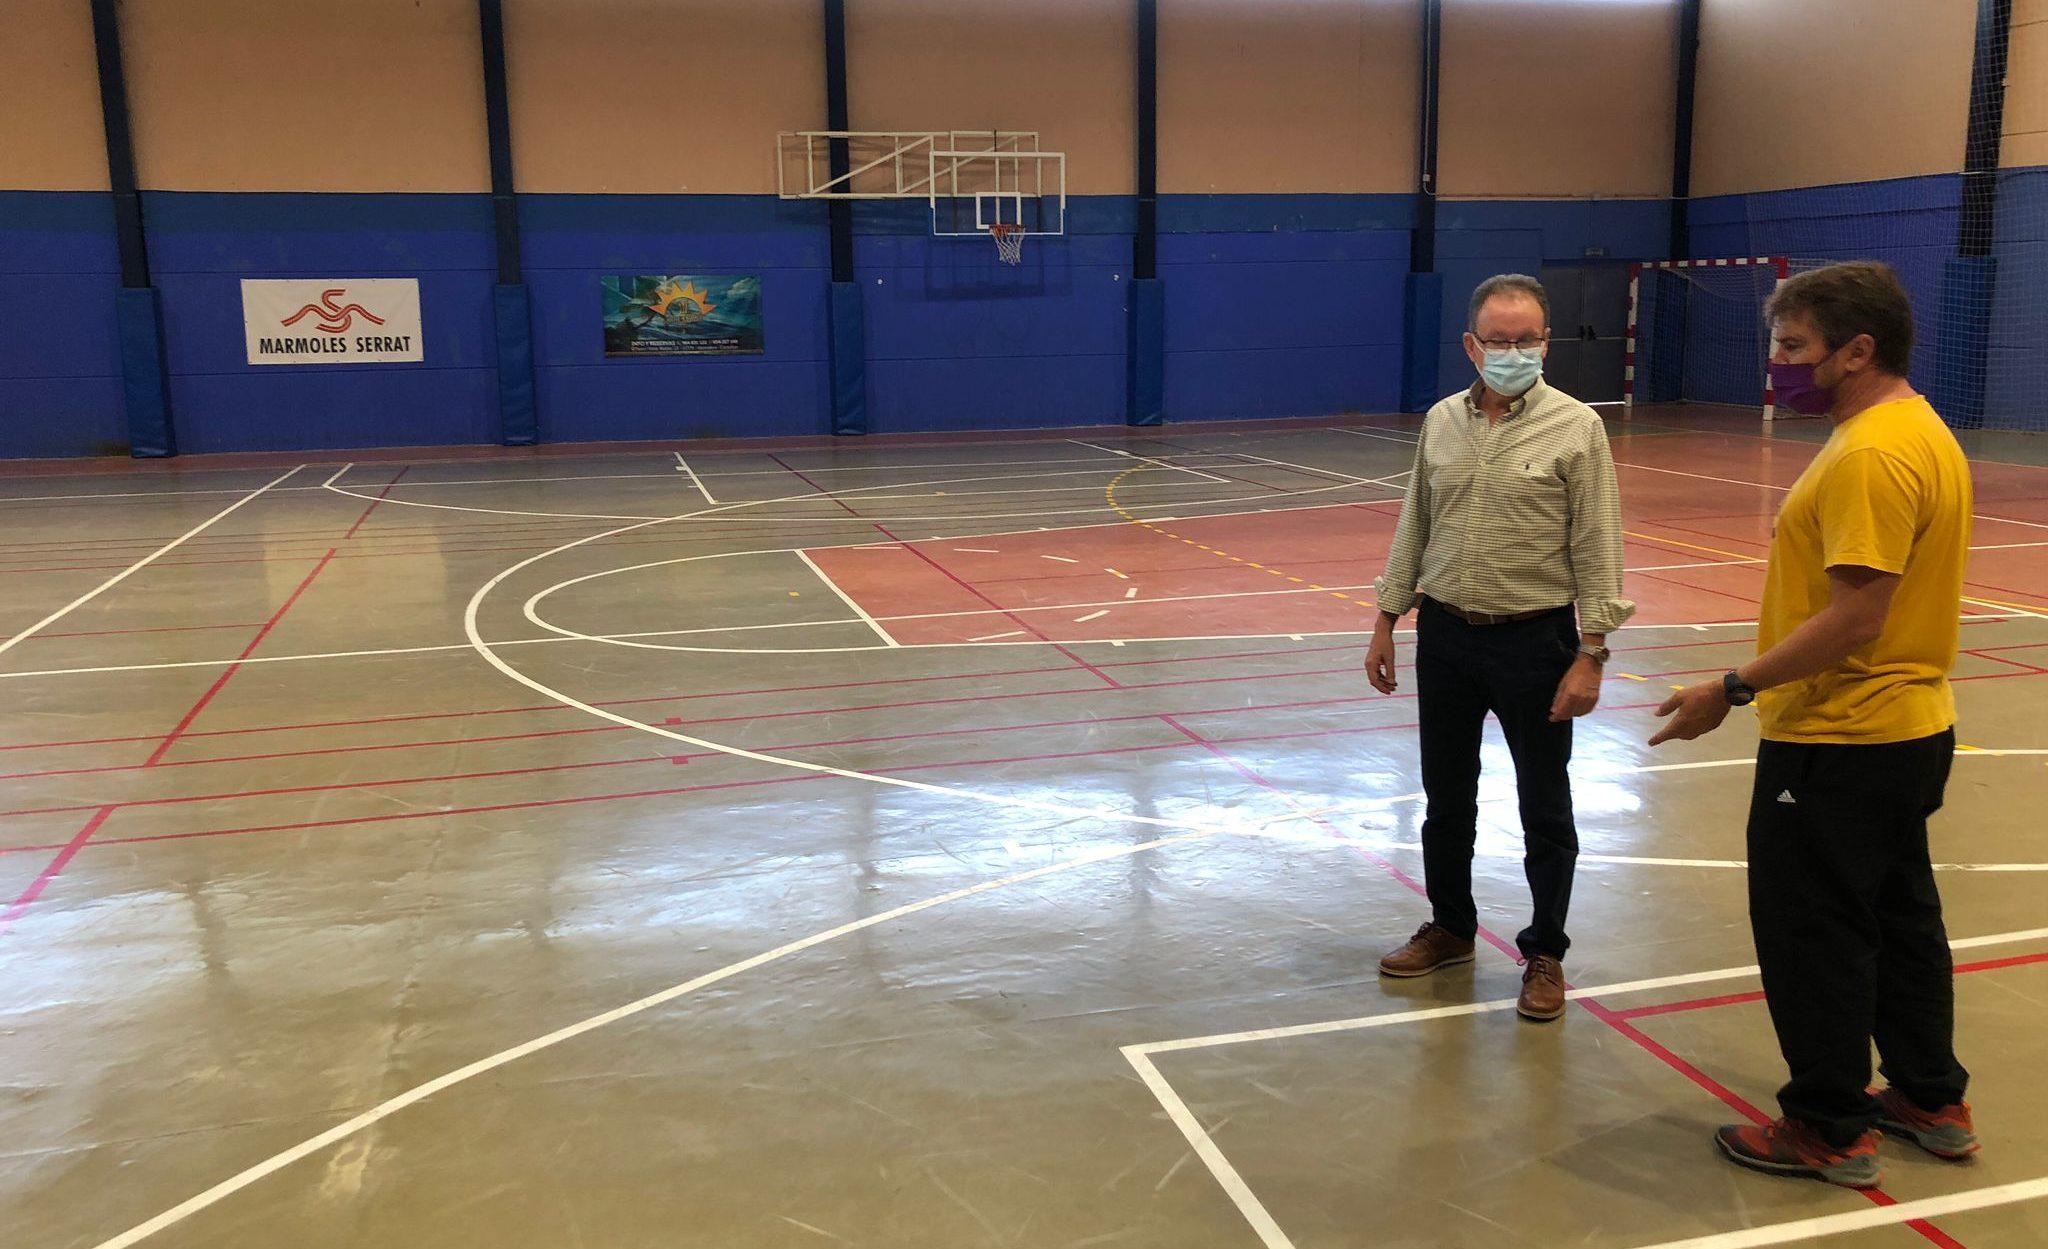 Alcalà-Alcossebre renovarà el paviment del Pavelló Poliesportiu Municipal